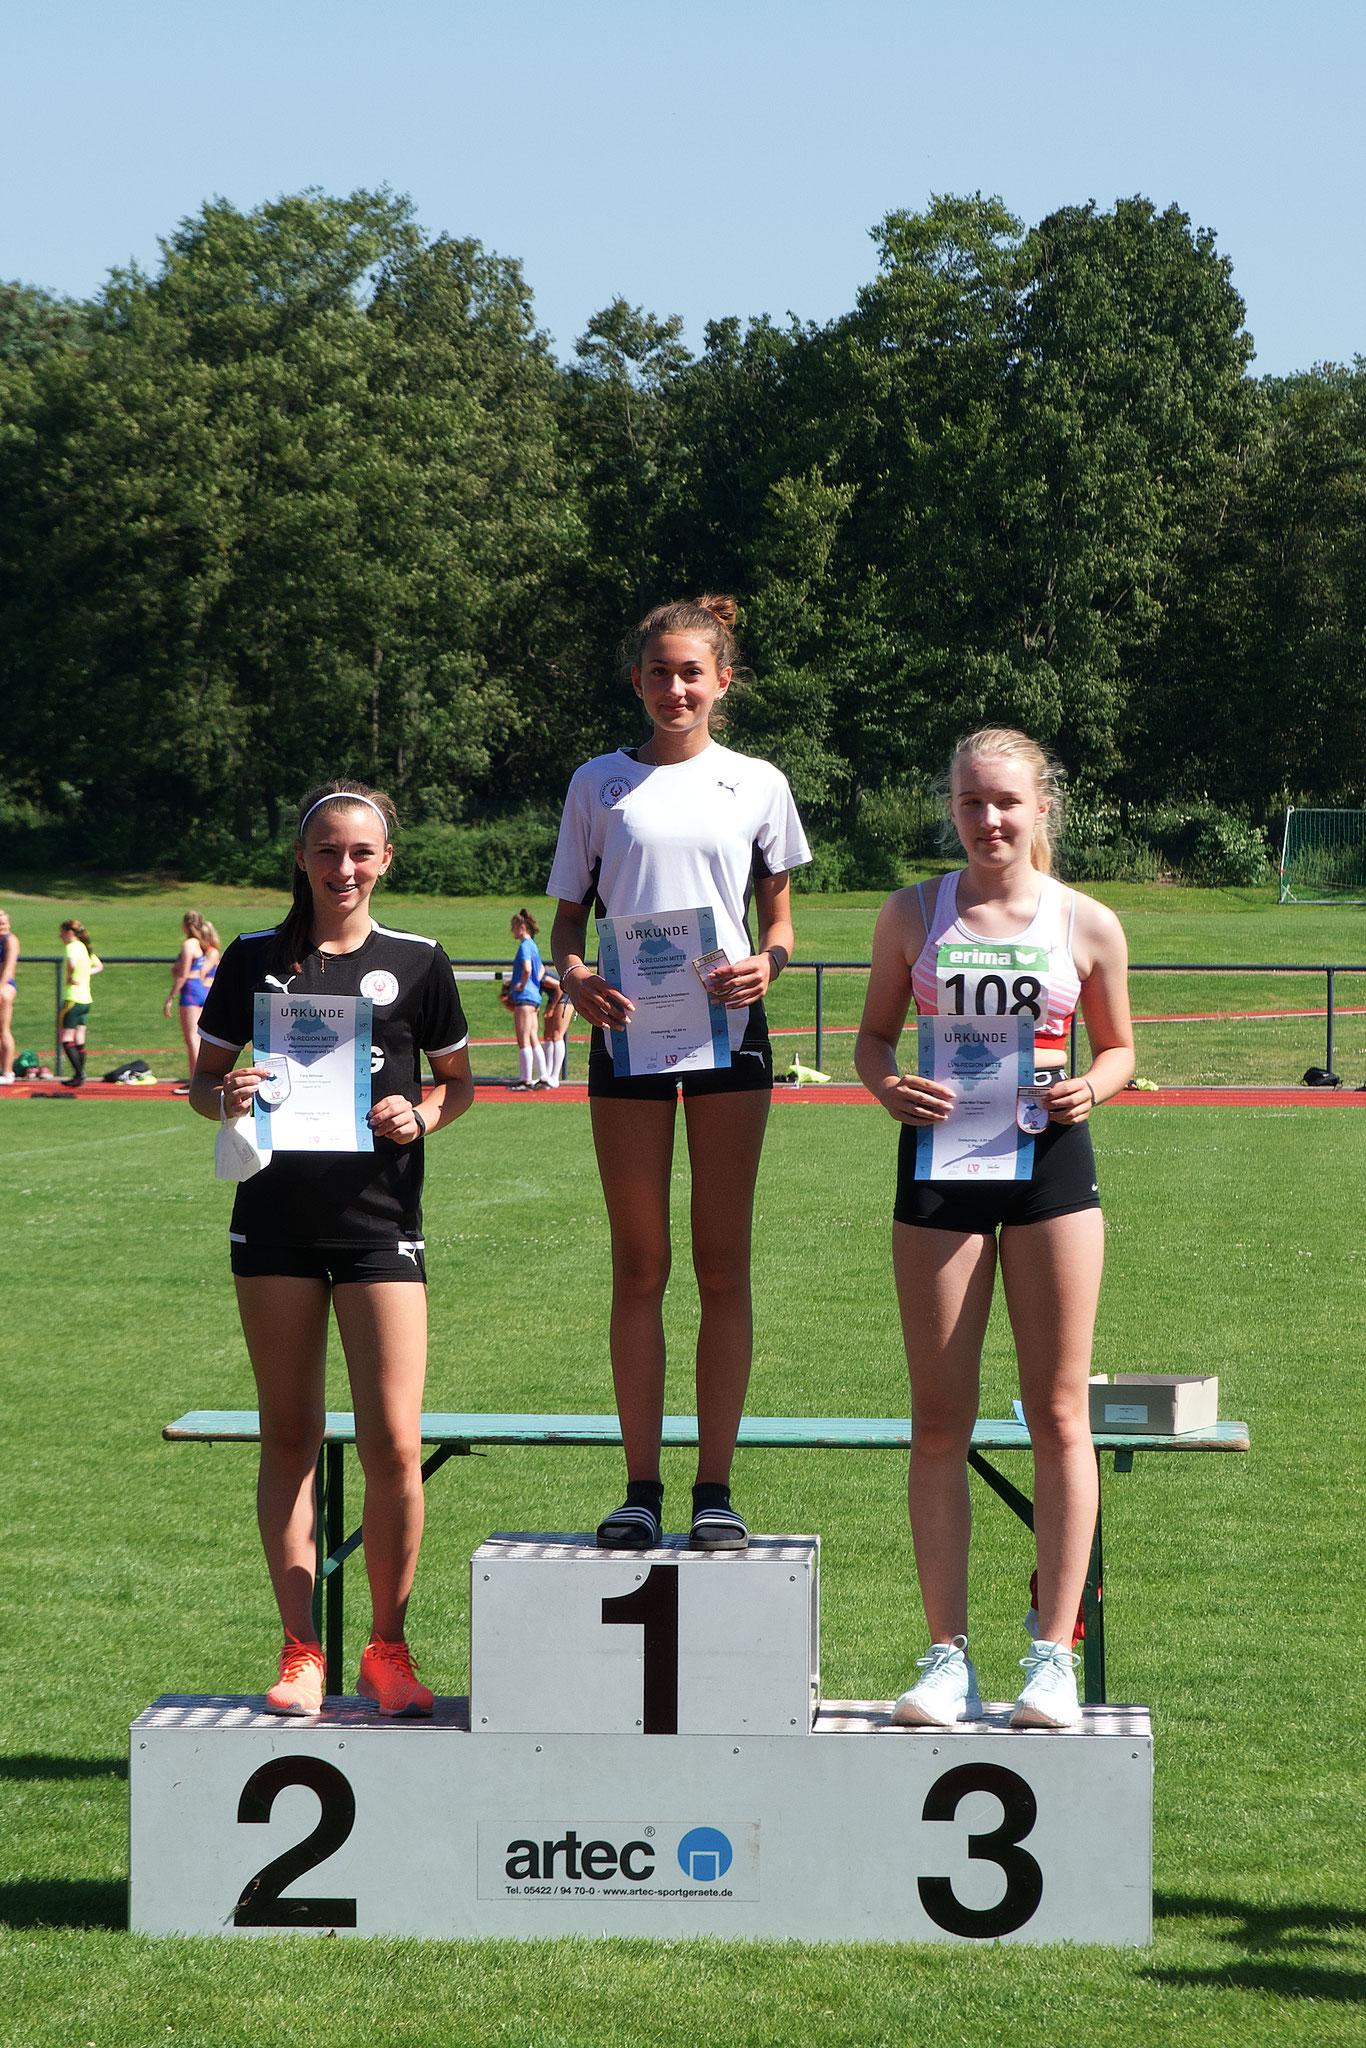 Siegerehrung: Ava Lindemann (Platz 1) und Yara Böhmer (Platz 2)